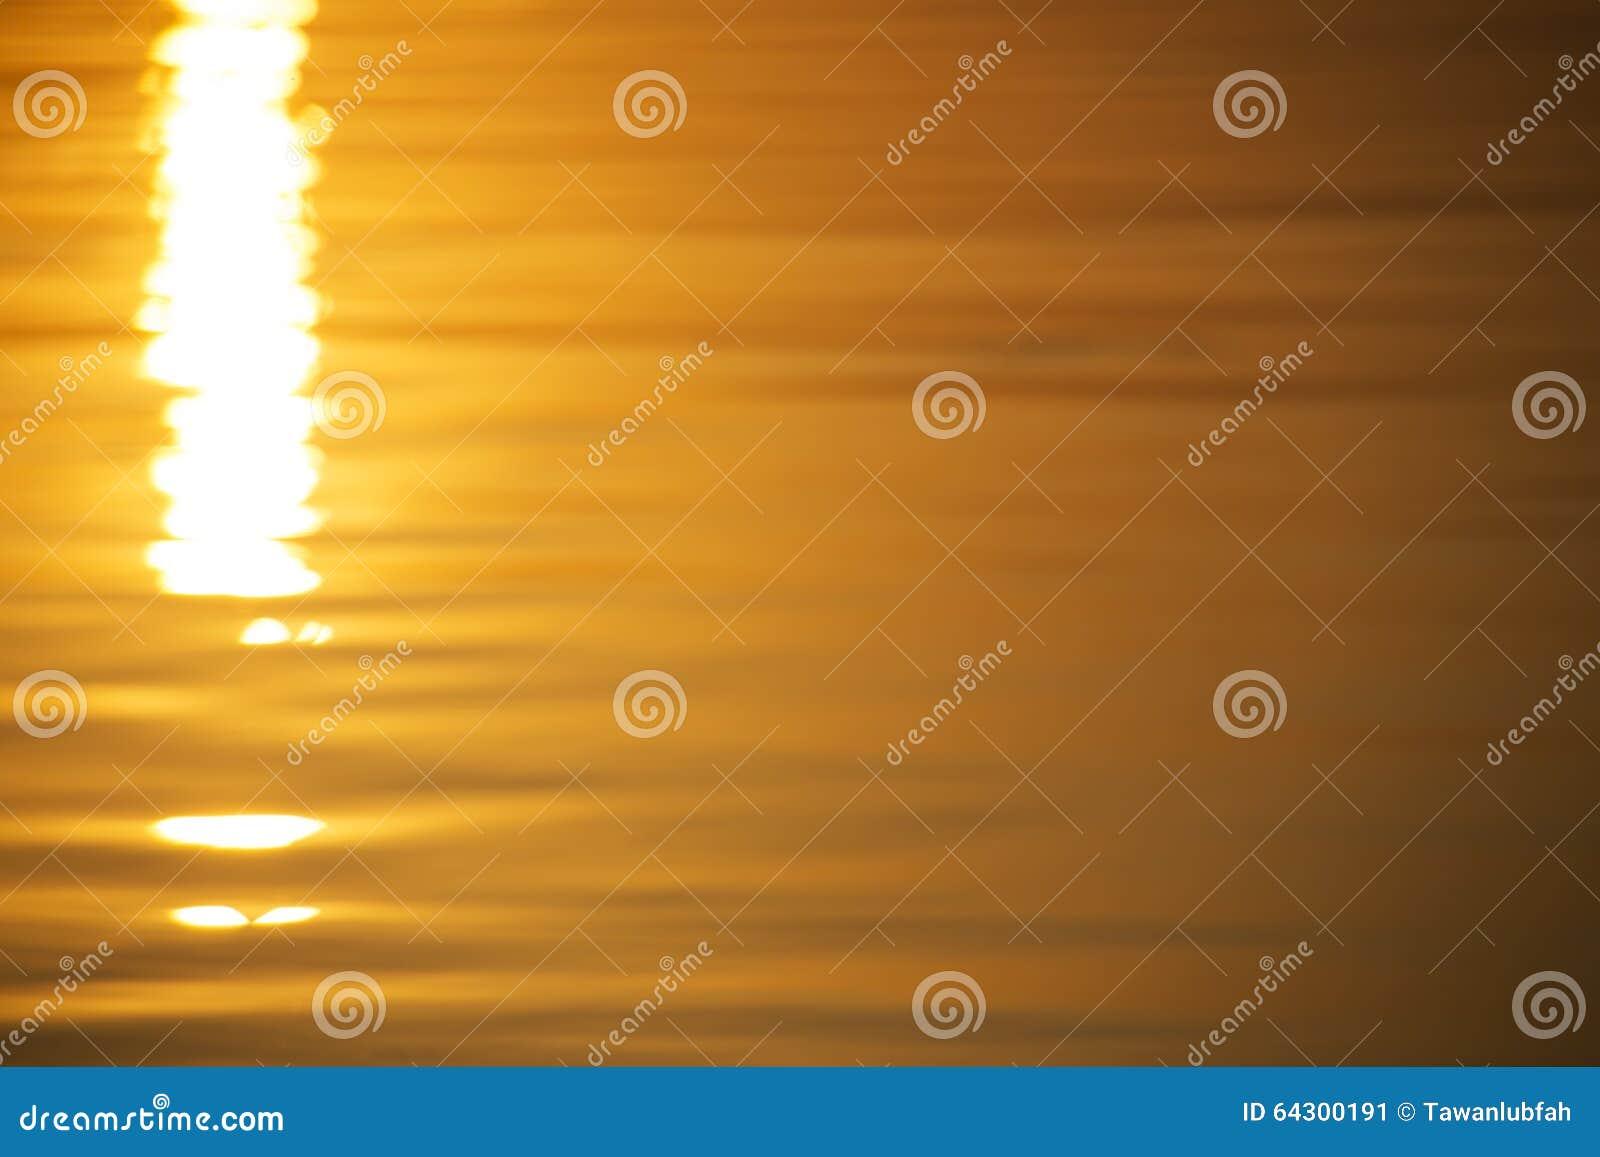 Naadloze textuur warme kleur het glanzen zonsondergang van